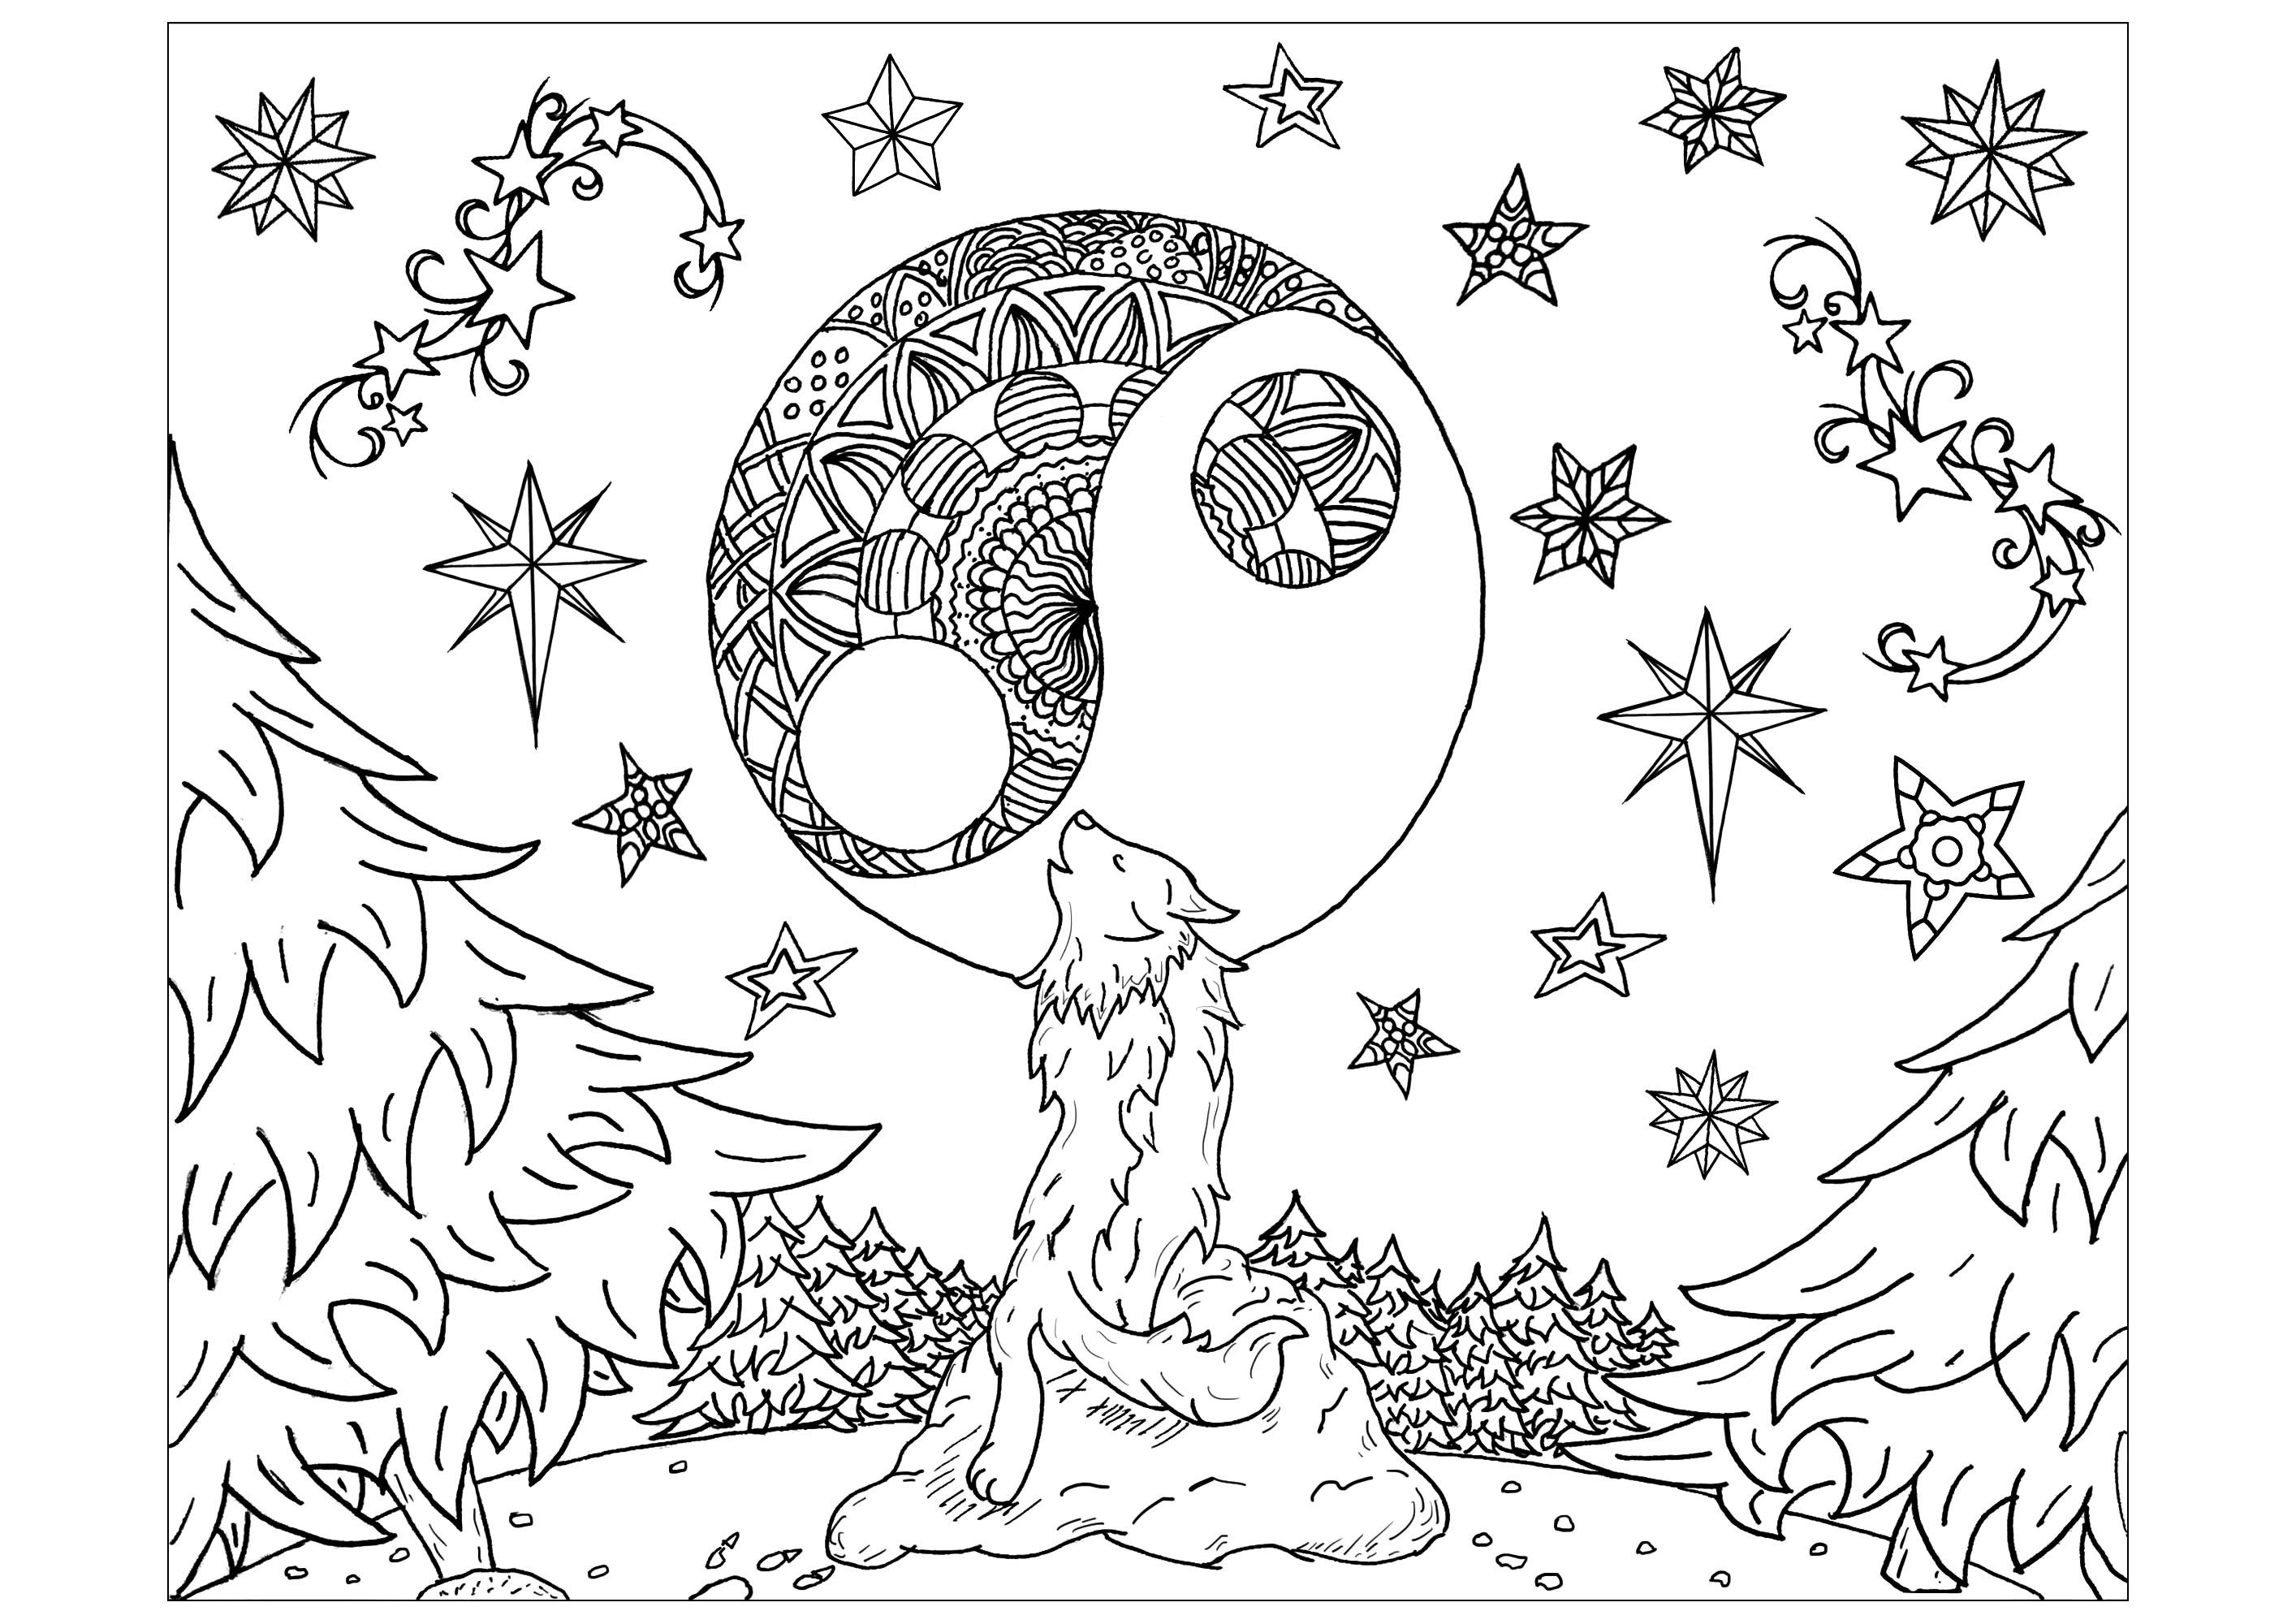 Loup hurlant au clair de lune pendant une nuit étoilée